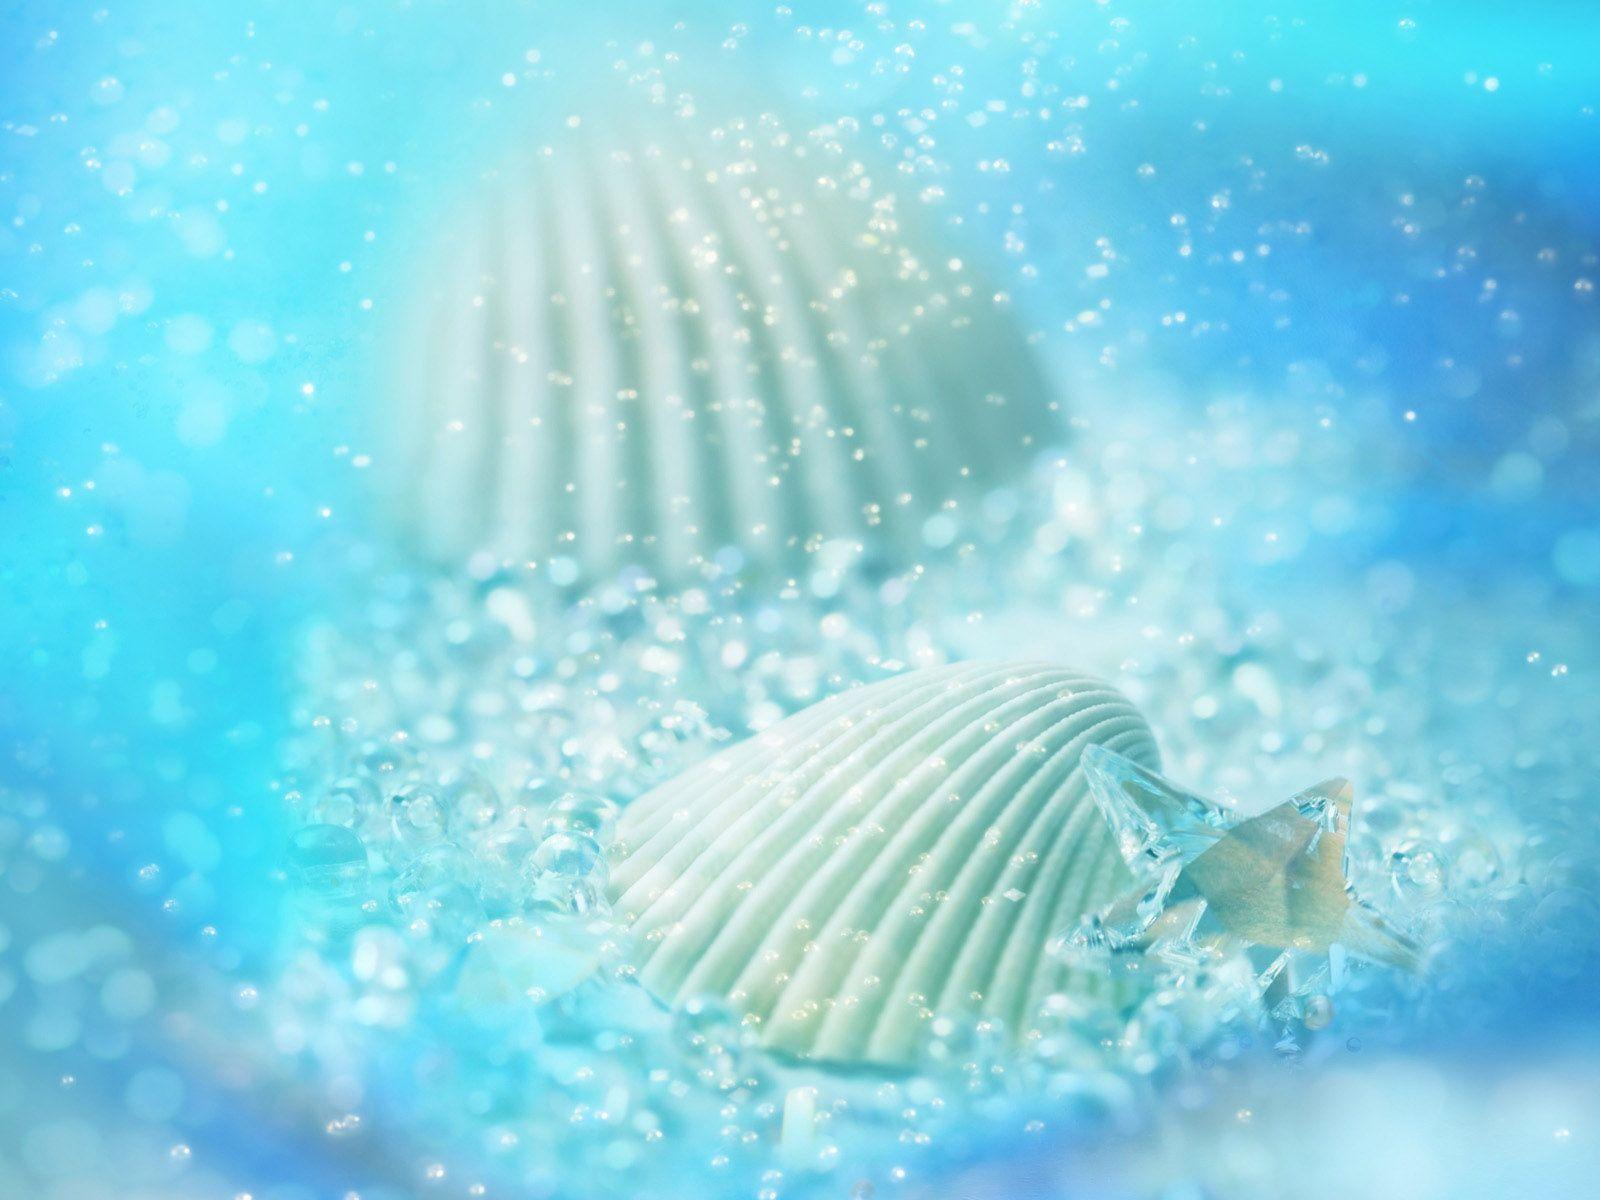 壁紙 貝殻 ダウンロード 写真